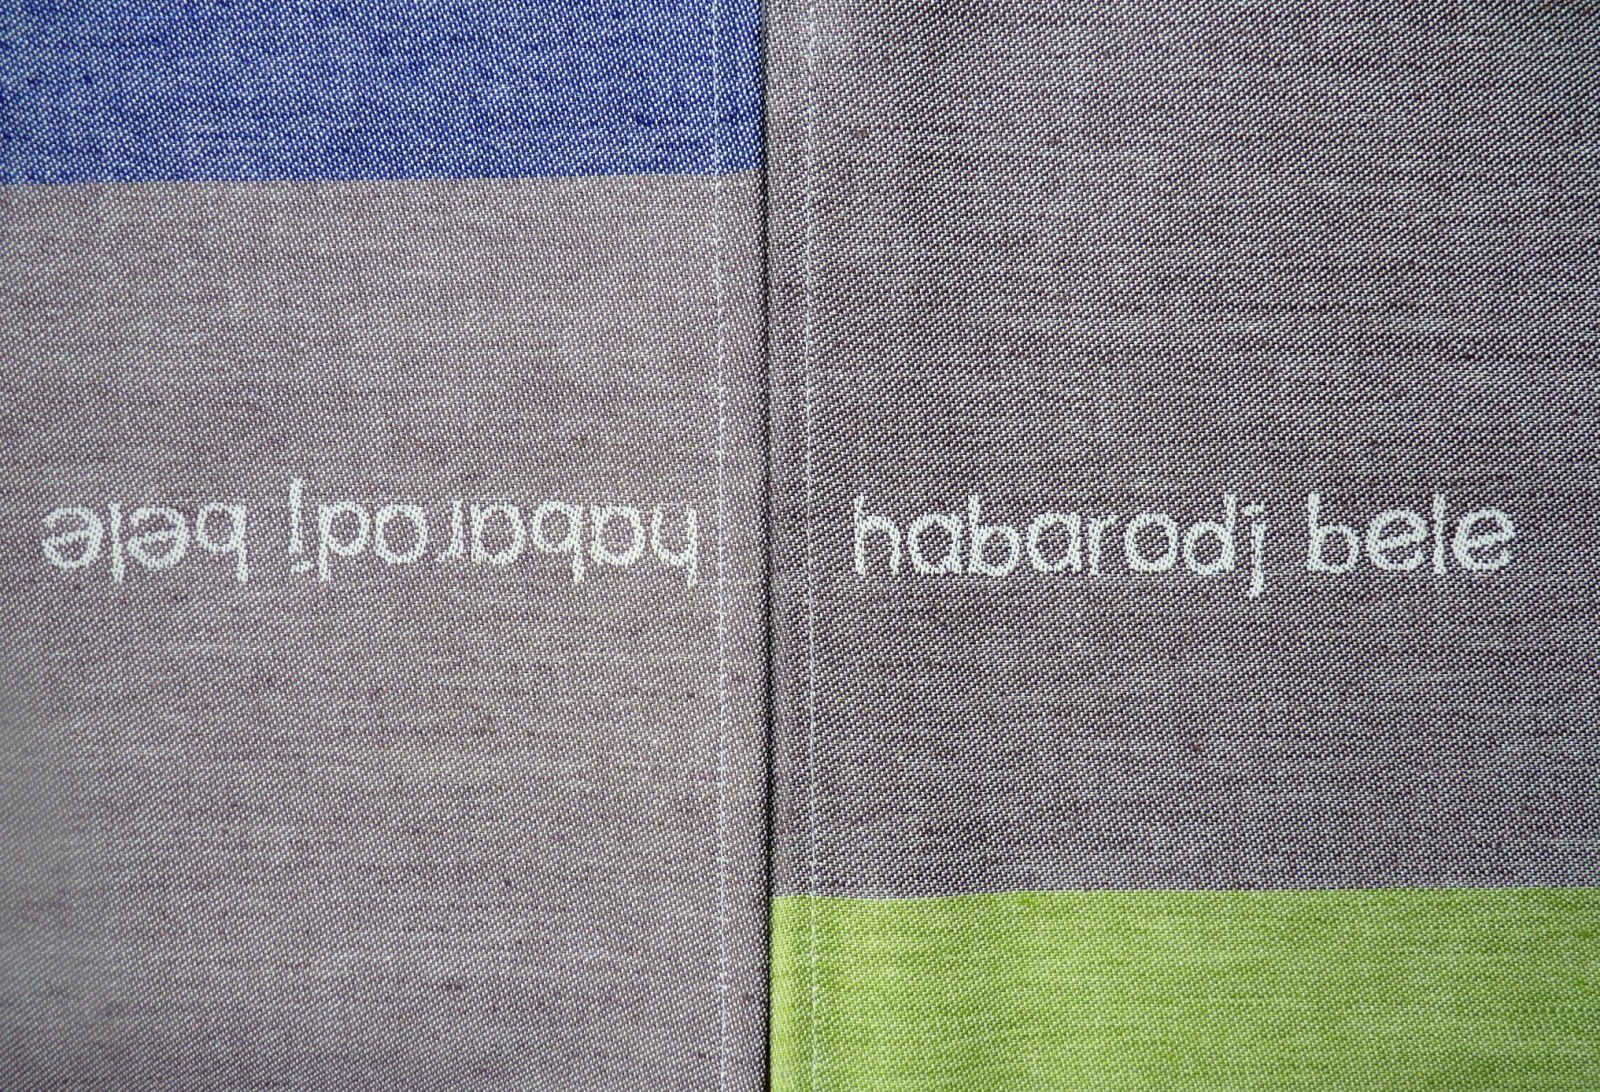 kósagabi-textiles5.JPG